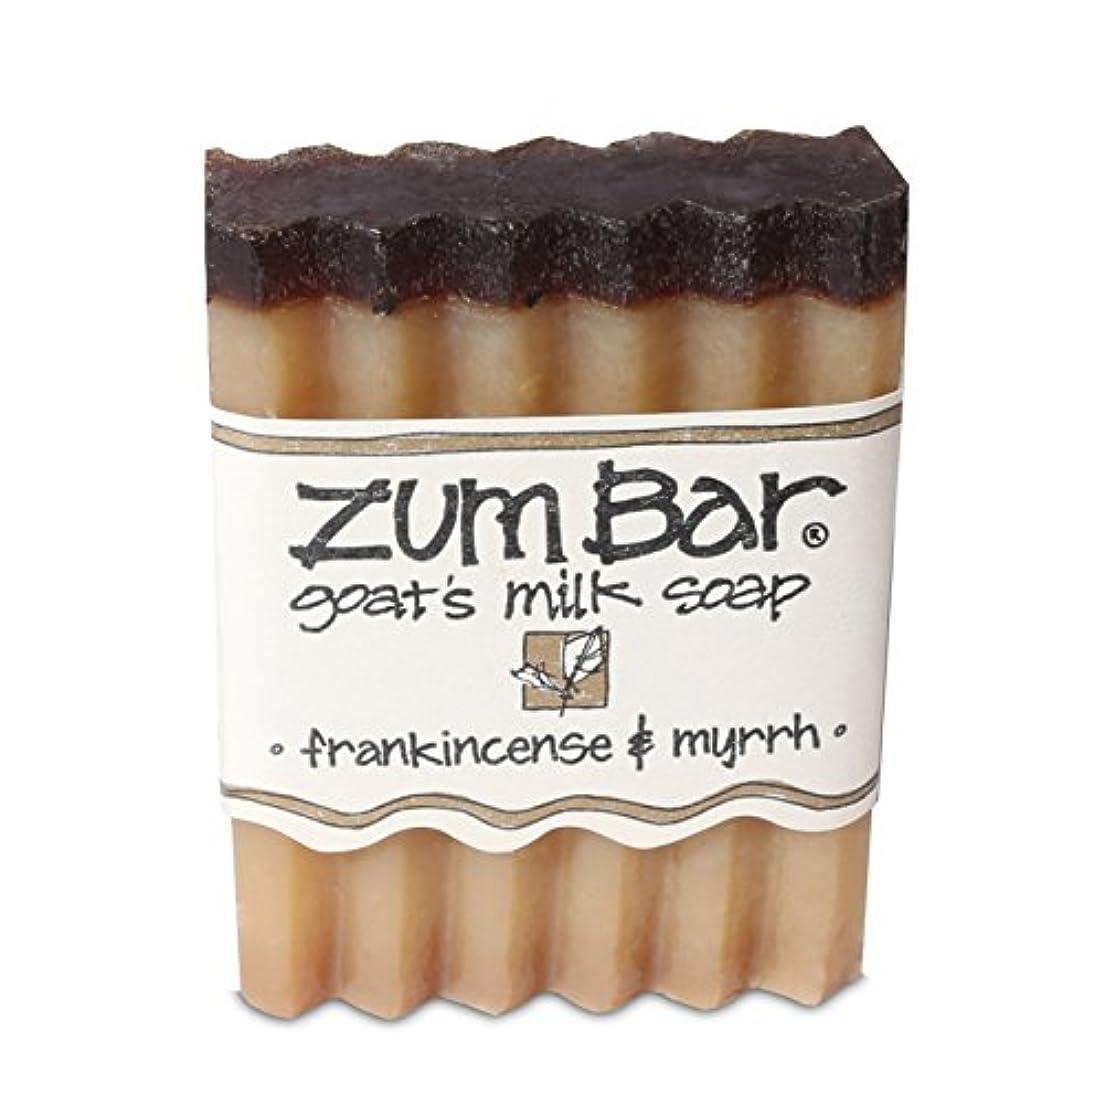 早熟東ティモール説明海外直送品 Indigo Wild, Zum Bar, Goat's ミルク ソープ フランキンセンス&ミルラ, 3 Ounces (2個セット) (Frankincense & Myrrh) [並行輸入品]